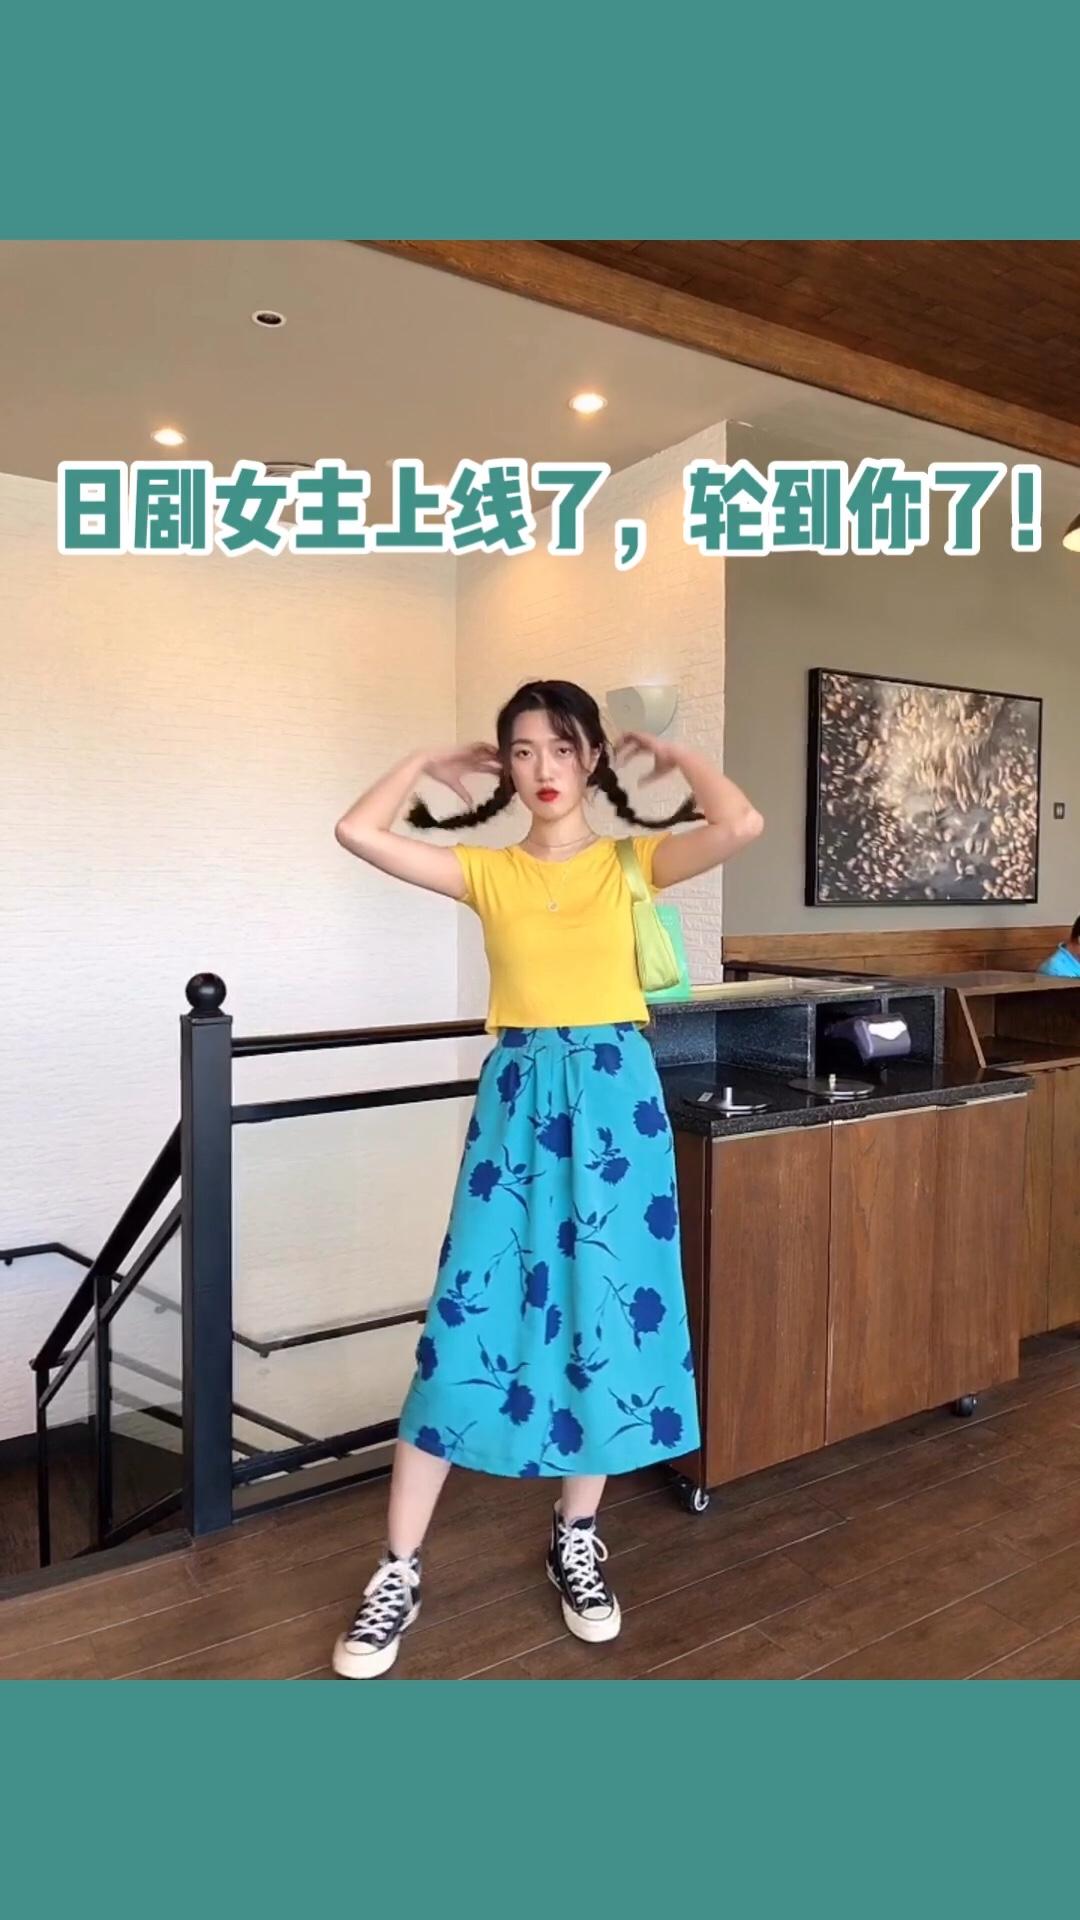 可盐可甜的穿搭来了! 黄色上衣➕蓝色裙子👗 简单的黄T给人感觉很干净清爽的感觉 再搭配有点花纹的蓝色小裙子韩!时尚又不失个性!#日剧女主上线,轮到你了!#